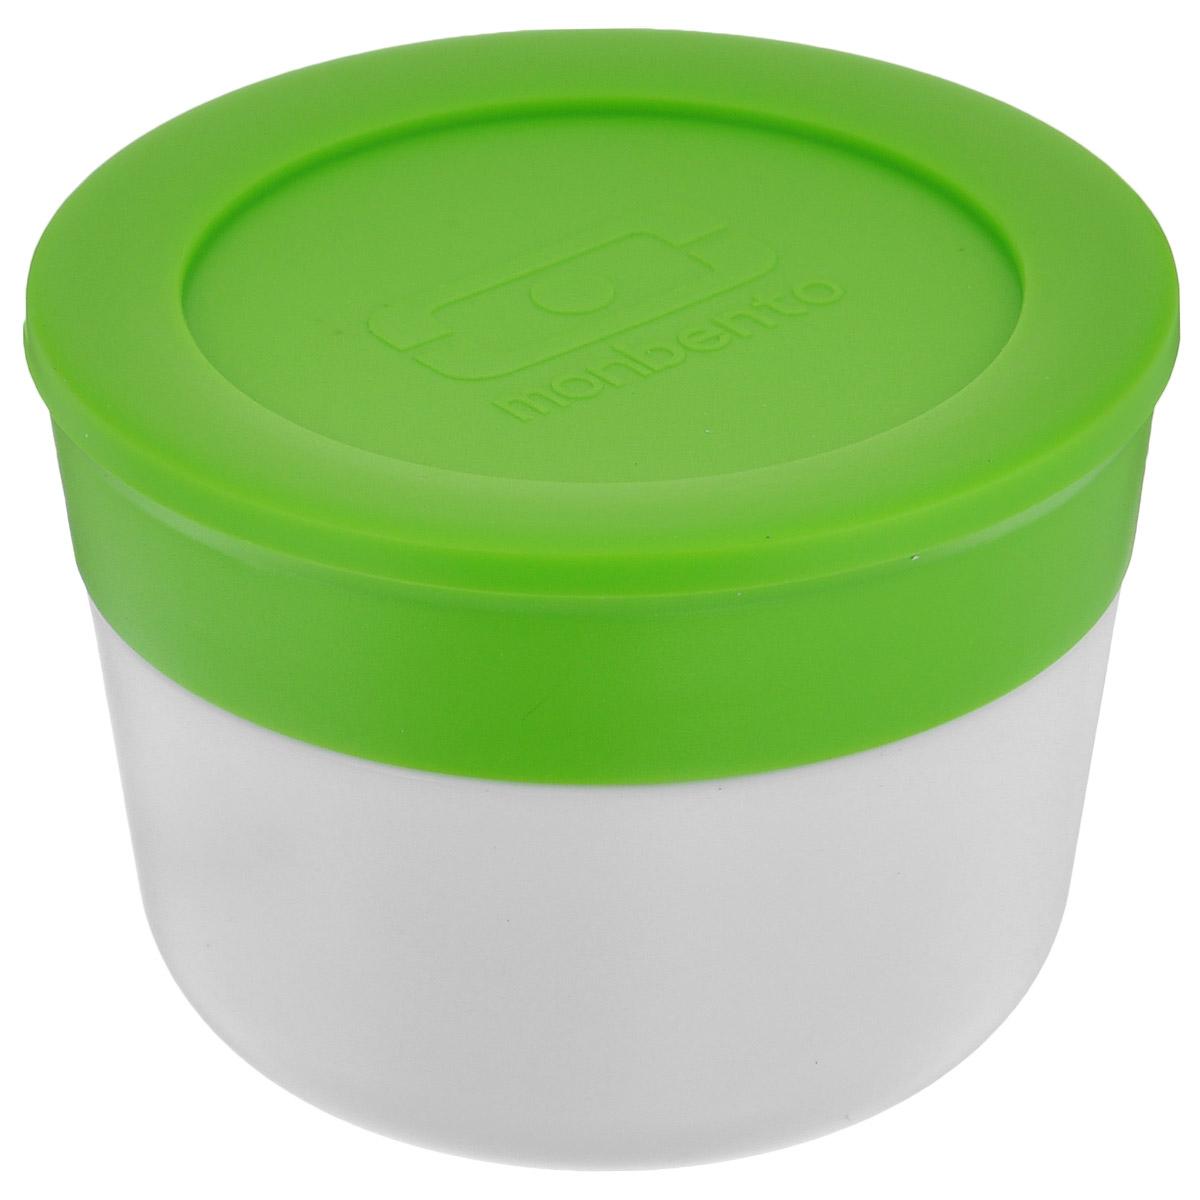 Соусница Monbento MB Temple, с крышкой, цвет: белый, зеленый, диаметр 7,5 см, 75 мл1005 03 005Соусница с крышкой Monbento MB Temple - удобное дополнение к ланч-боксу, которое позволит заправить соусом салат или гарнир прямо перед едой. Соусница изготовлена из полипропилена и имеет герметичную плотно закручивающуюся силиконовую крышечку. Идеально помещается в ланч-бокс от Monbento, занимая минимум места. Можно мыть в посудомоечной машине, а также хранить в морозильной камере.